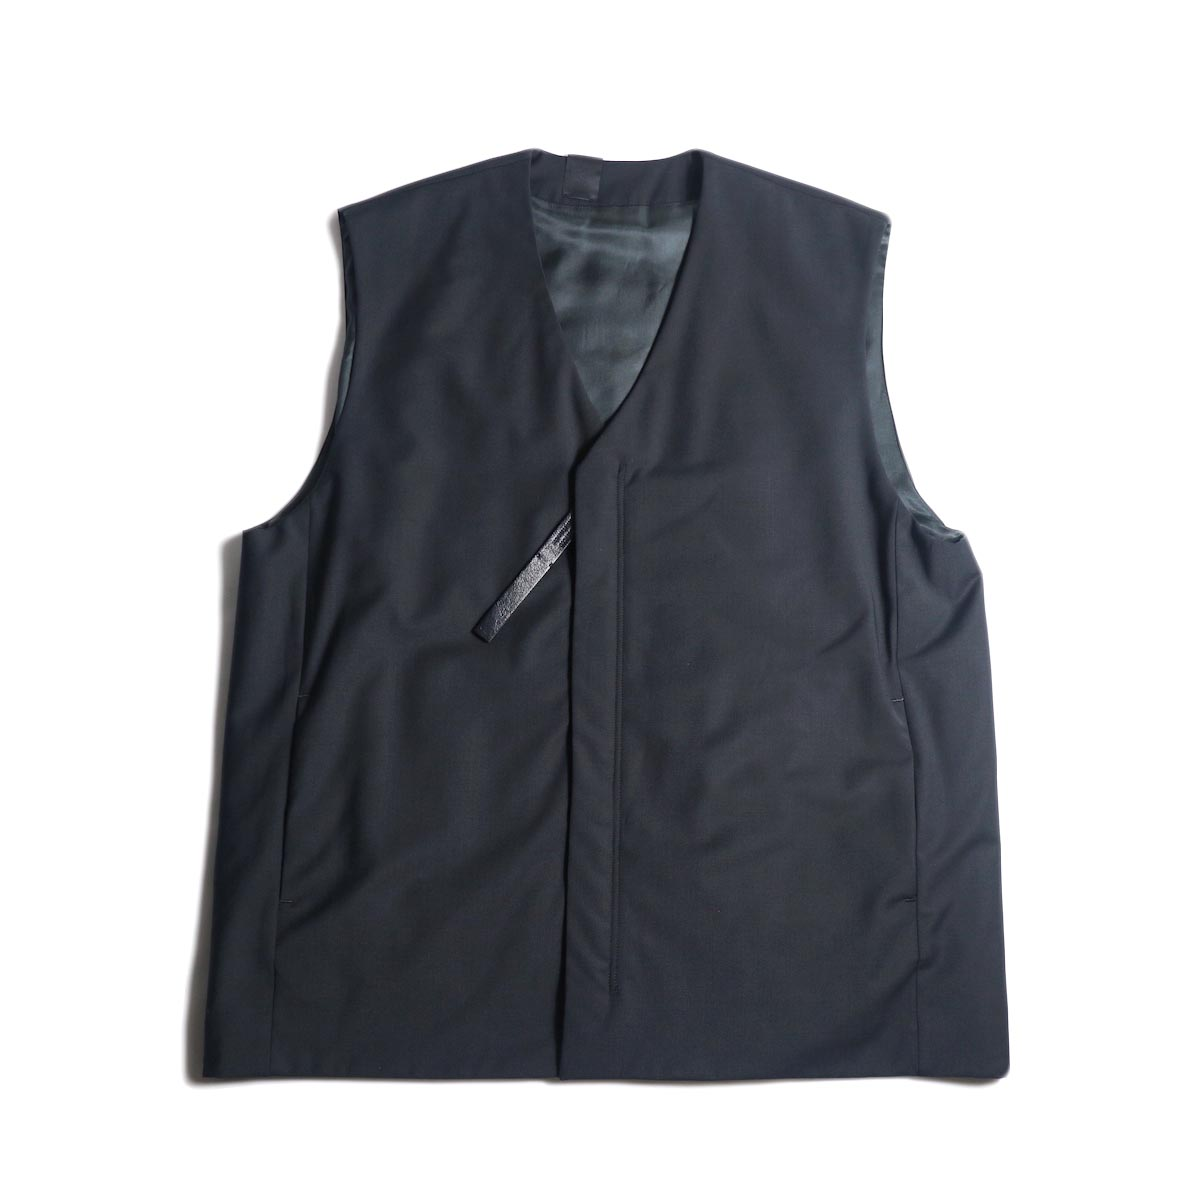 N.HOOLYWOOD / 2202-VE03-002 Vest (Black) 正面